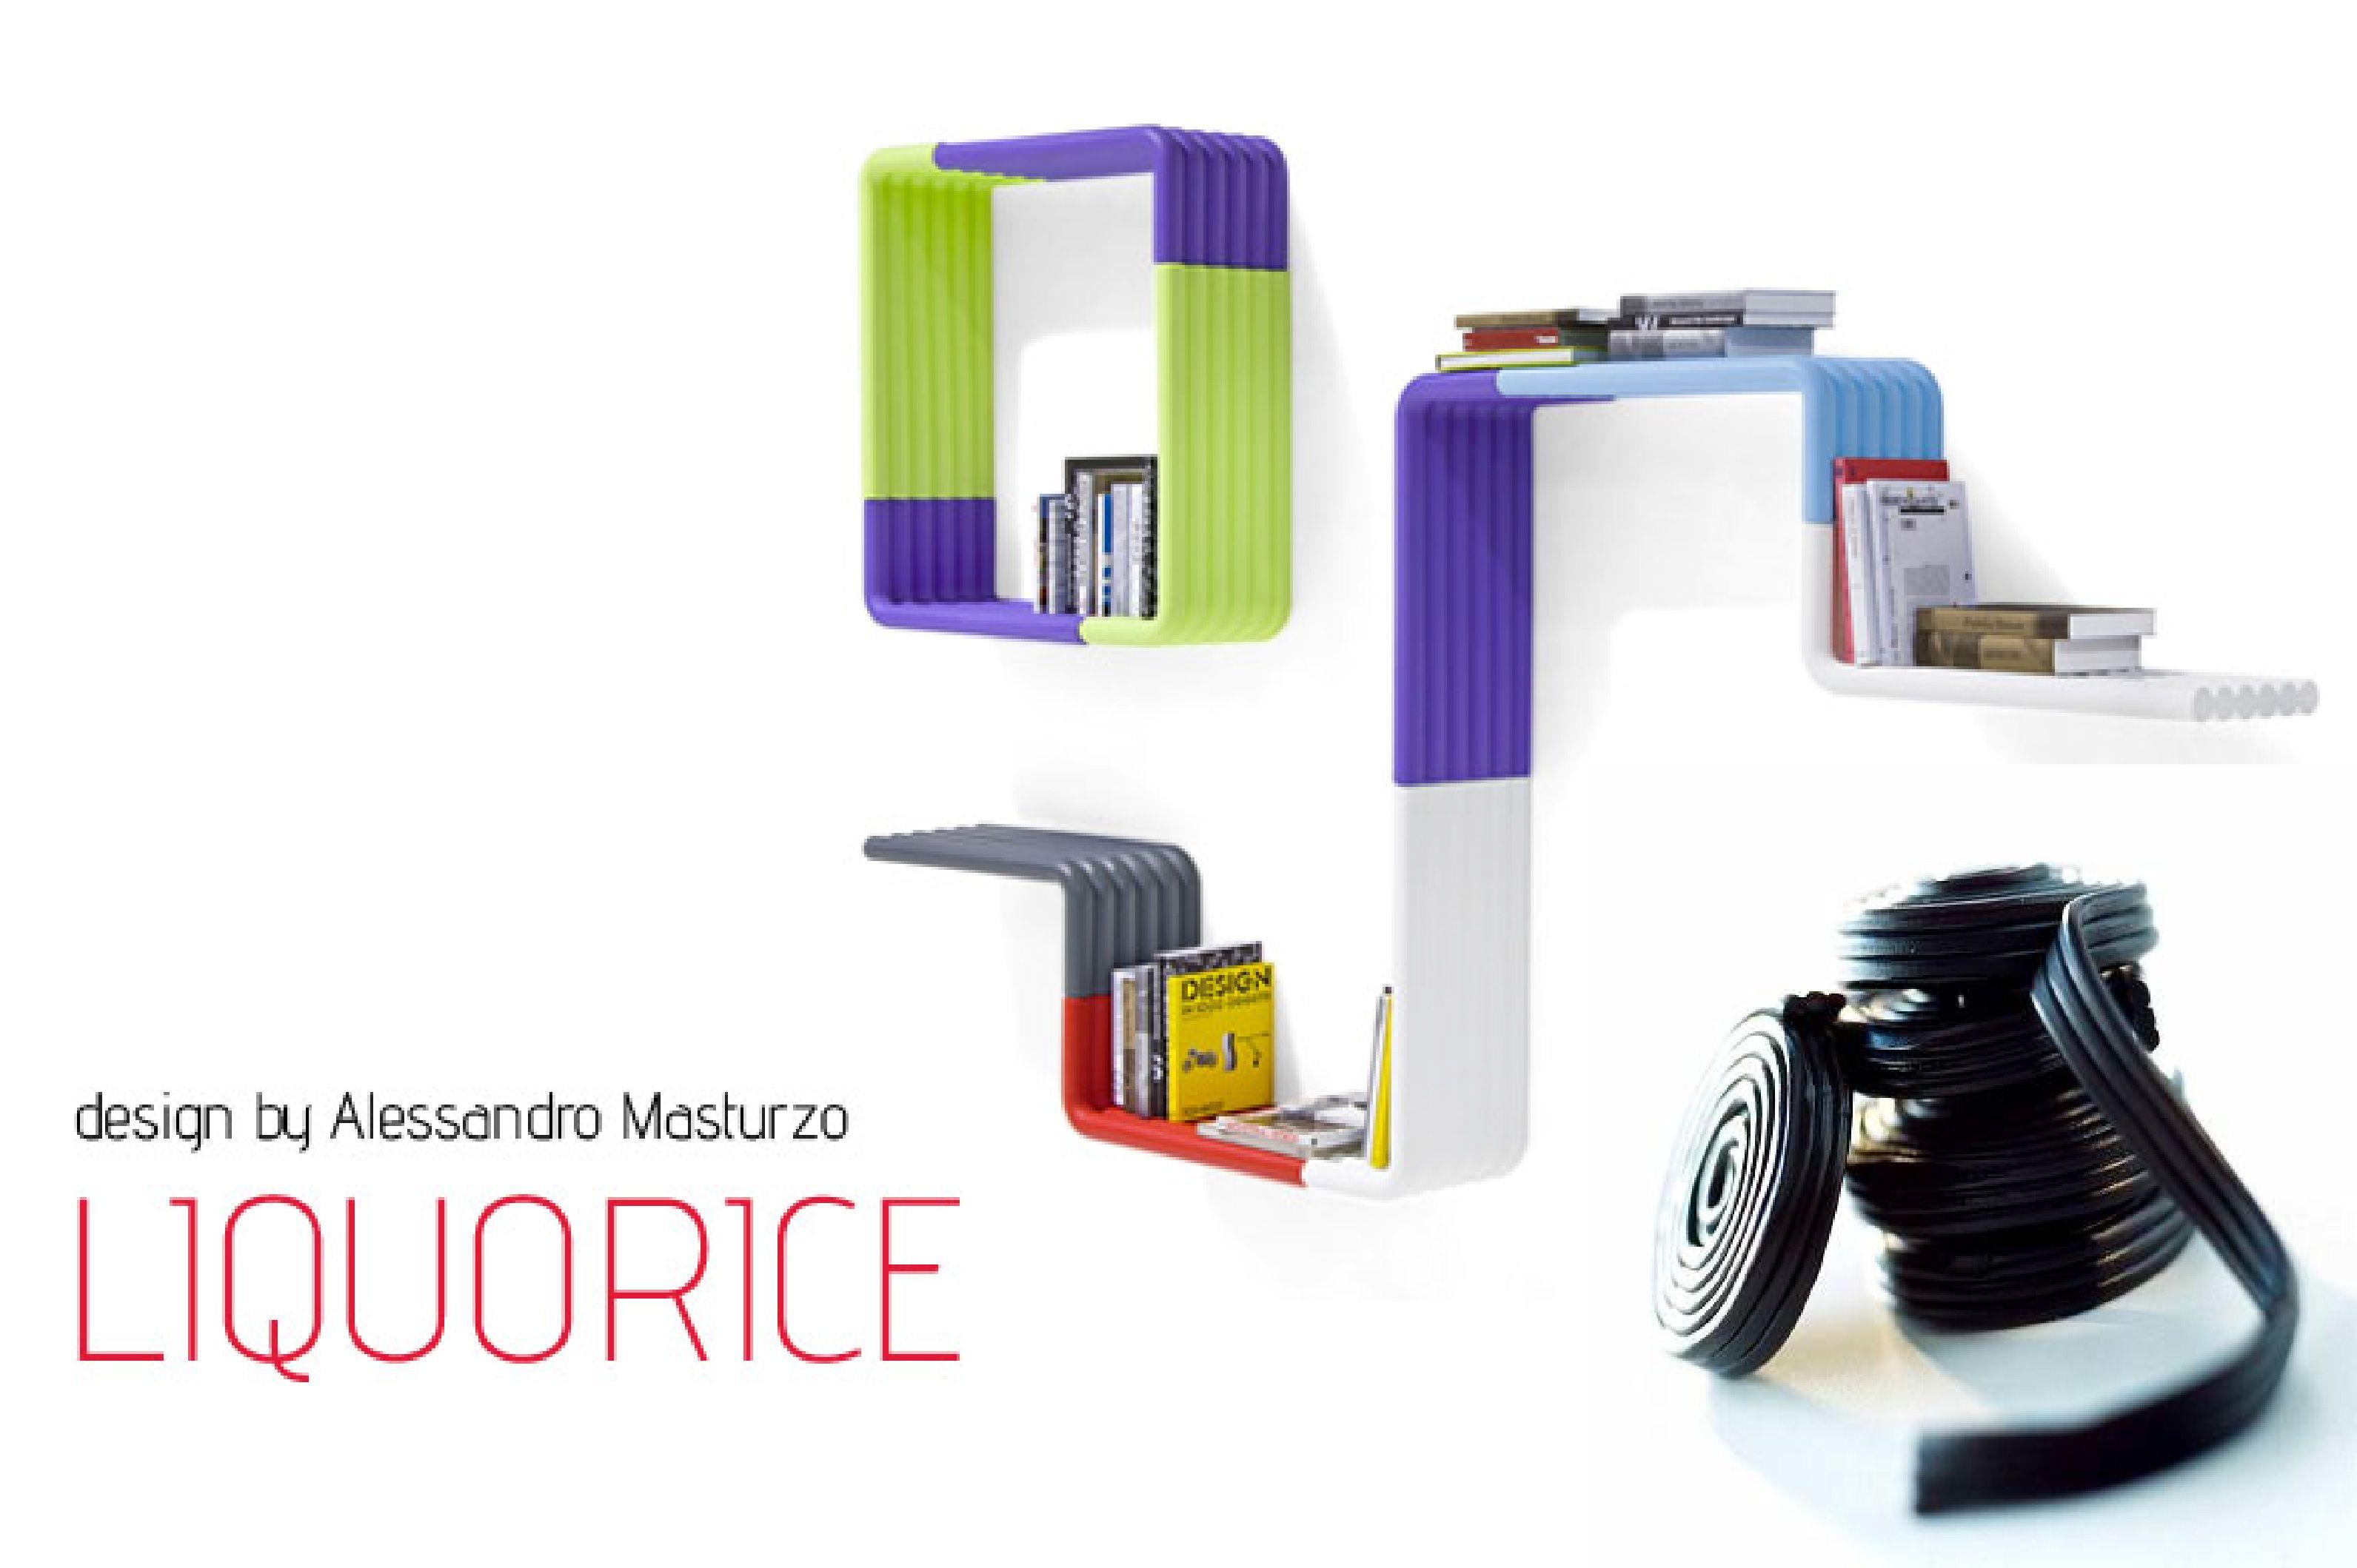 #mensola #liquorice di B-LINE #design